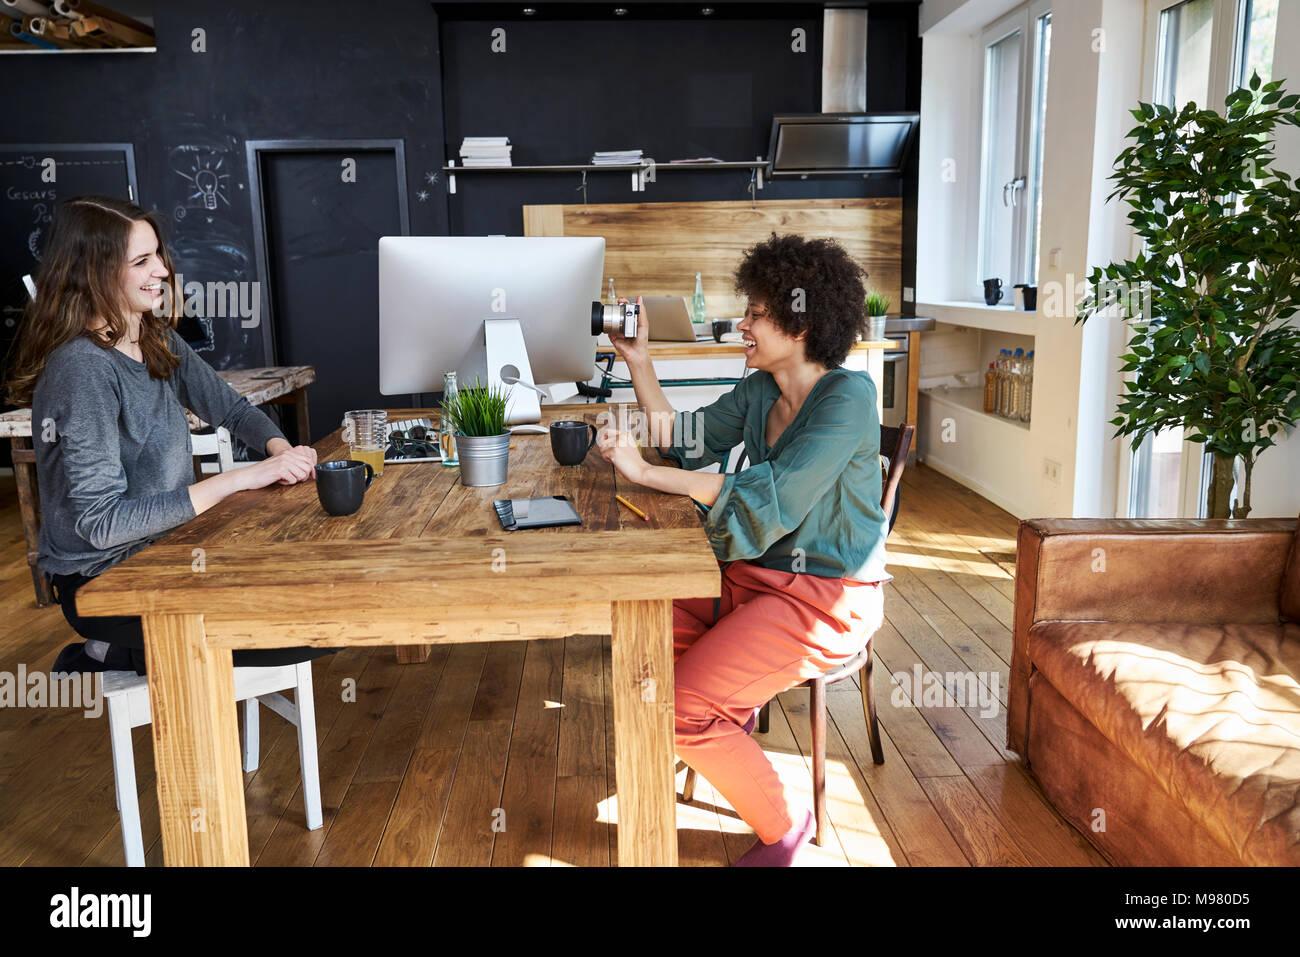 Zwei glückliche junge Frauen mit Kamera in modernen Büro Stockbild